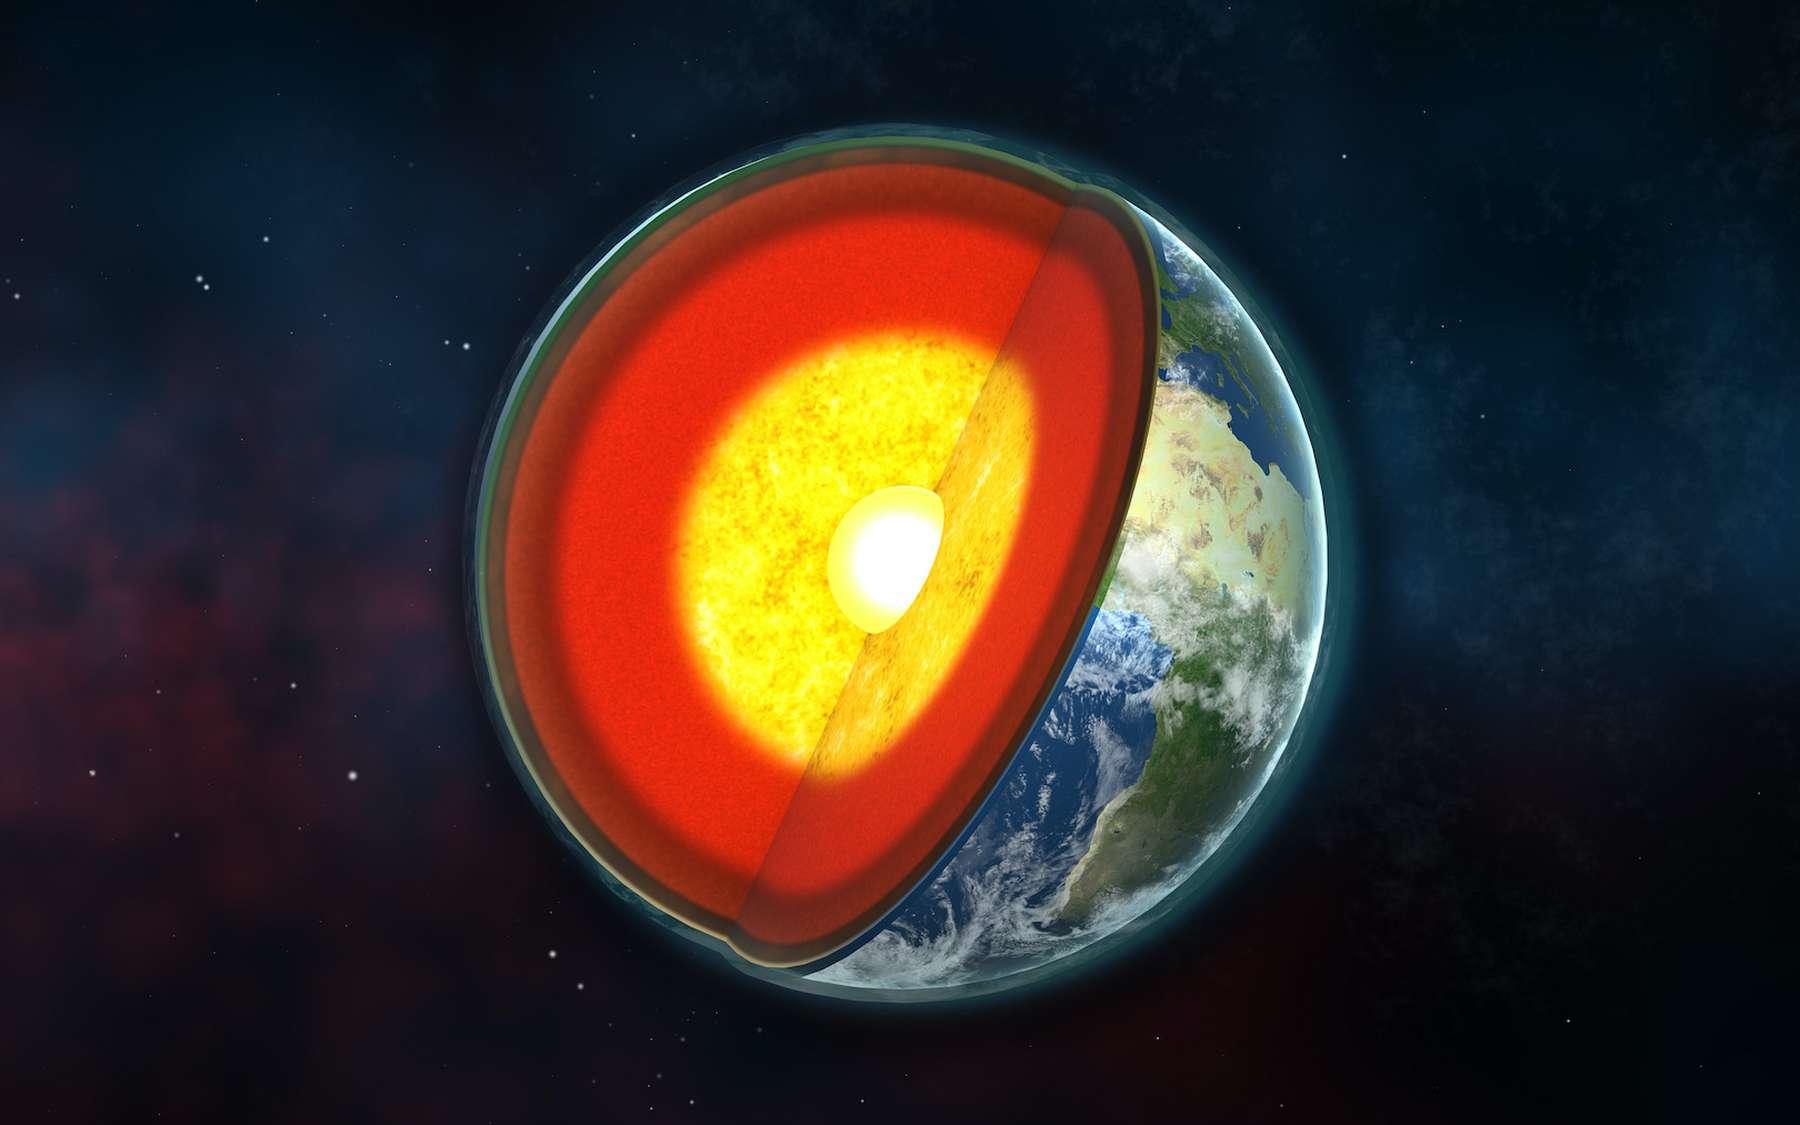 L'asthénosphère se trouve à environ 100 km de profondeur sous les océans, et à 170 km sous les continents. © José F. Vigil, Wikimedia Commons, CC by-sa 3.0